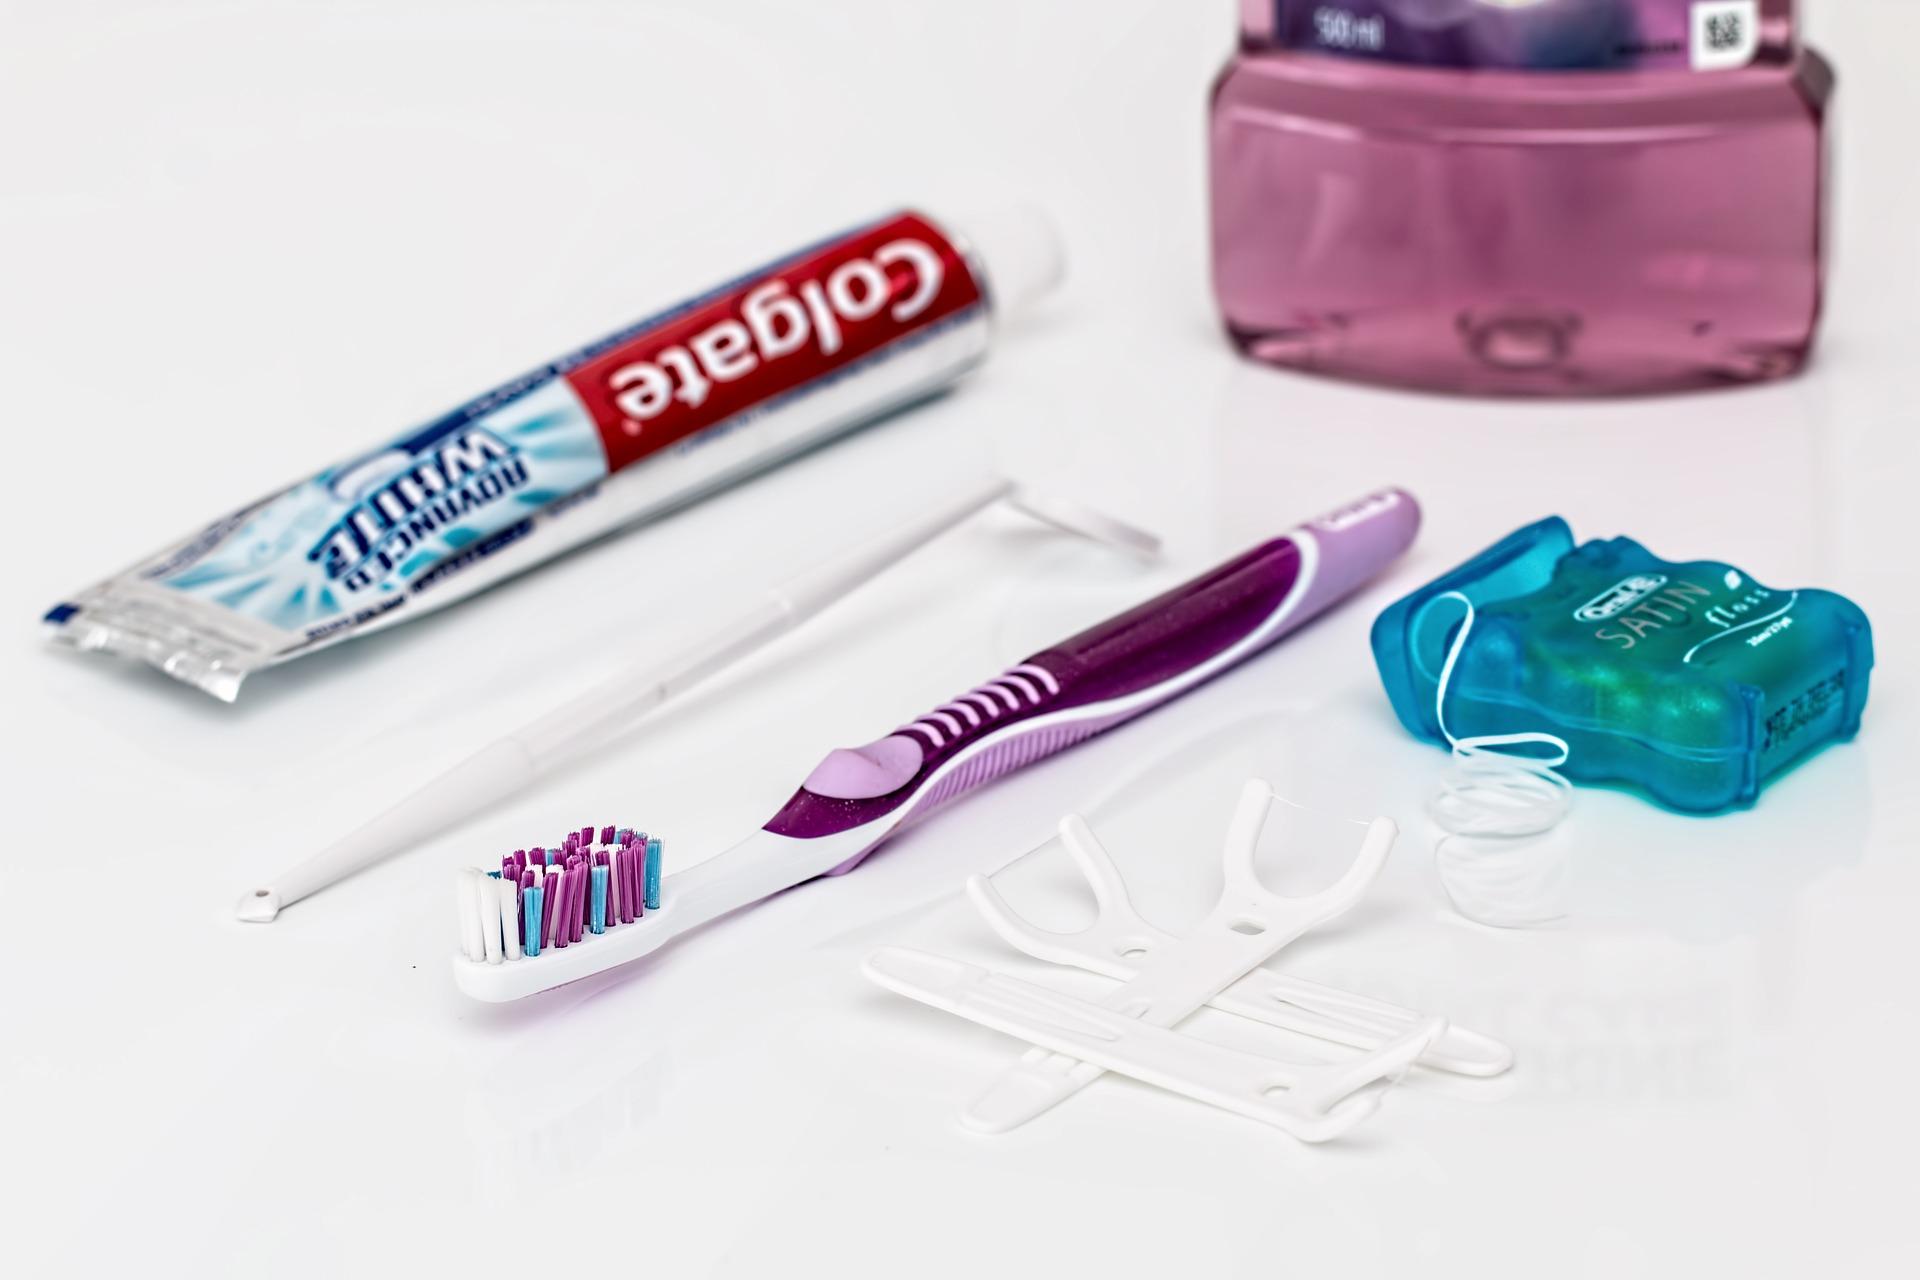 歯磨きだけでは足りてない!?おすすめ歯科グッズとクリーニングについて